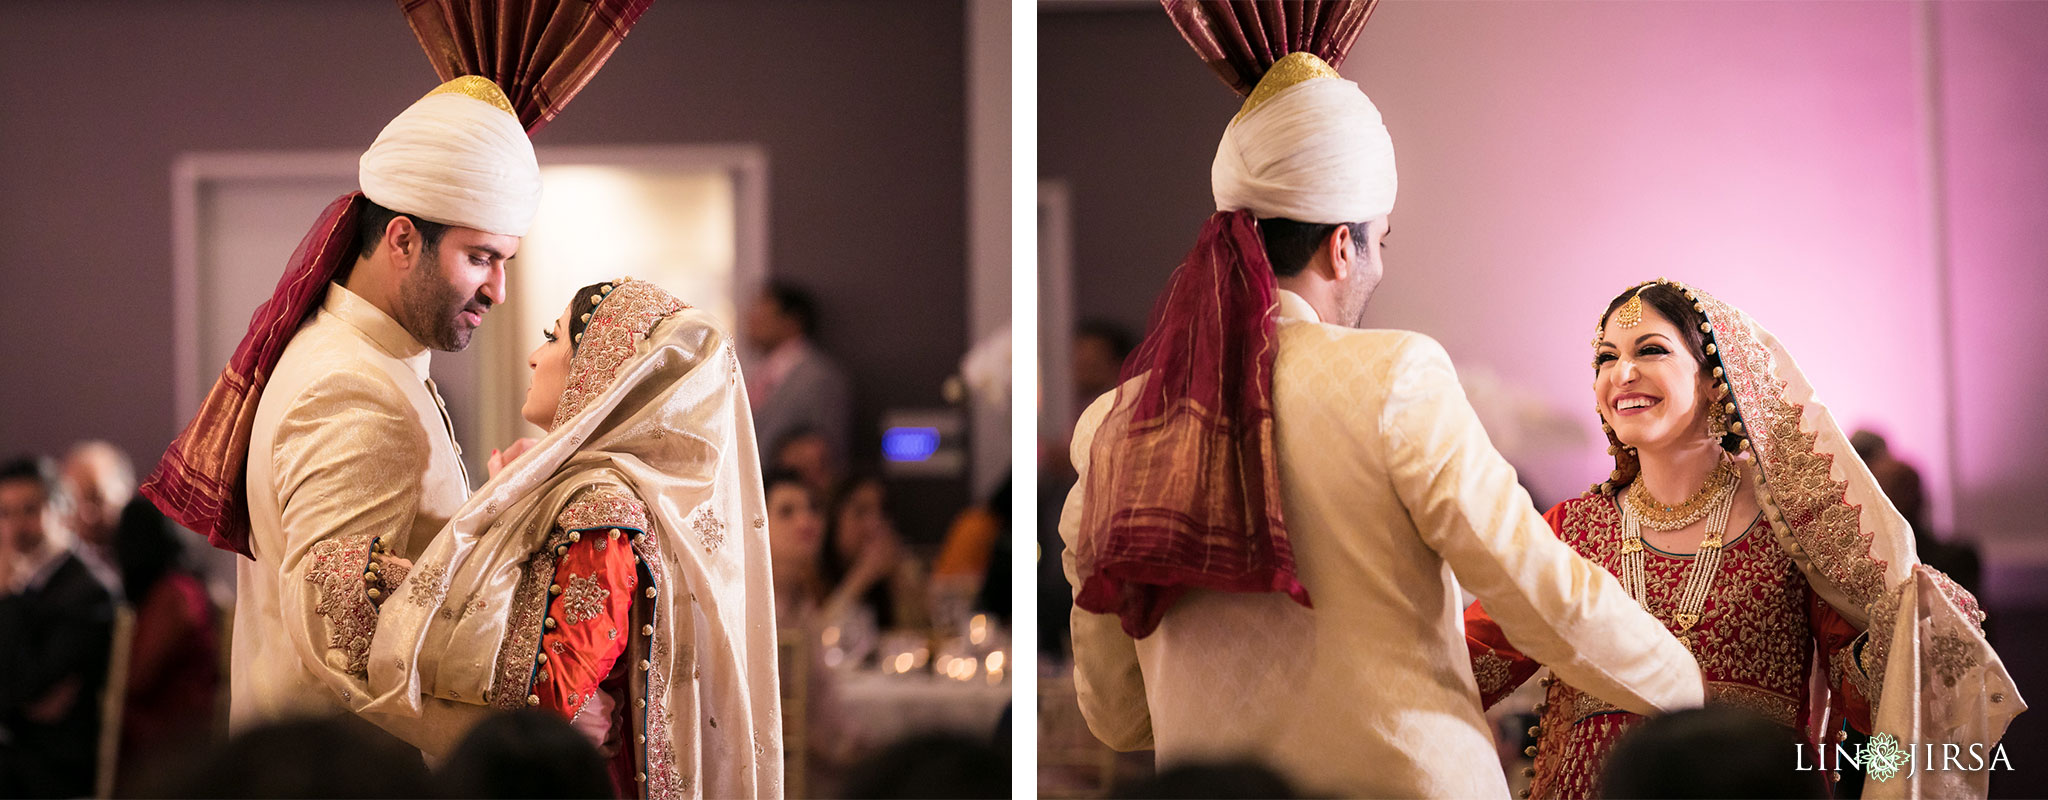 23 hilton long beach pakistani persian muslim wedding mehndi waleema photography